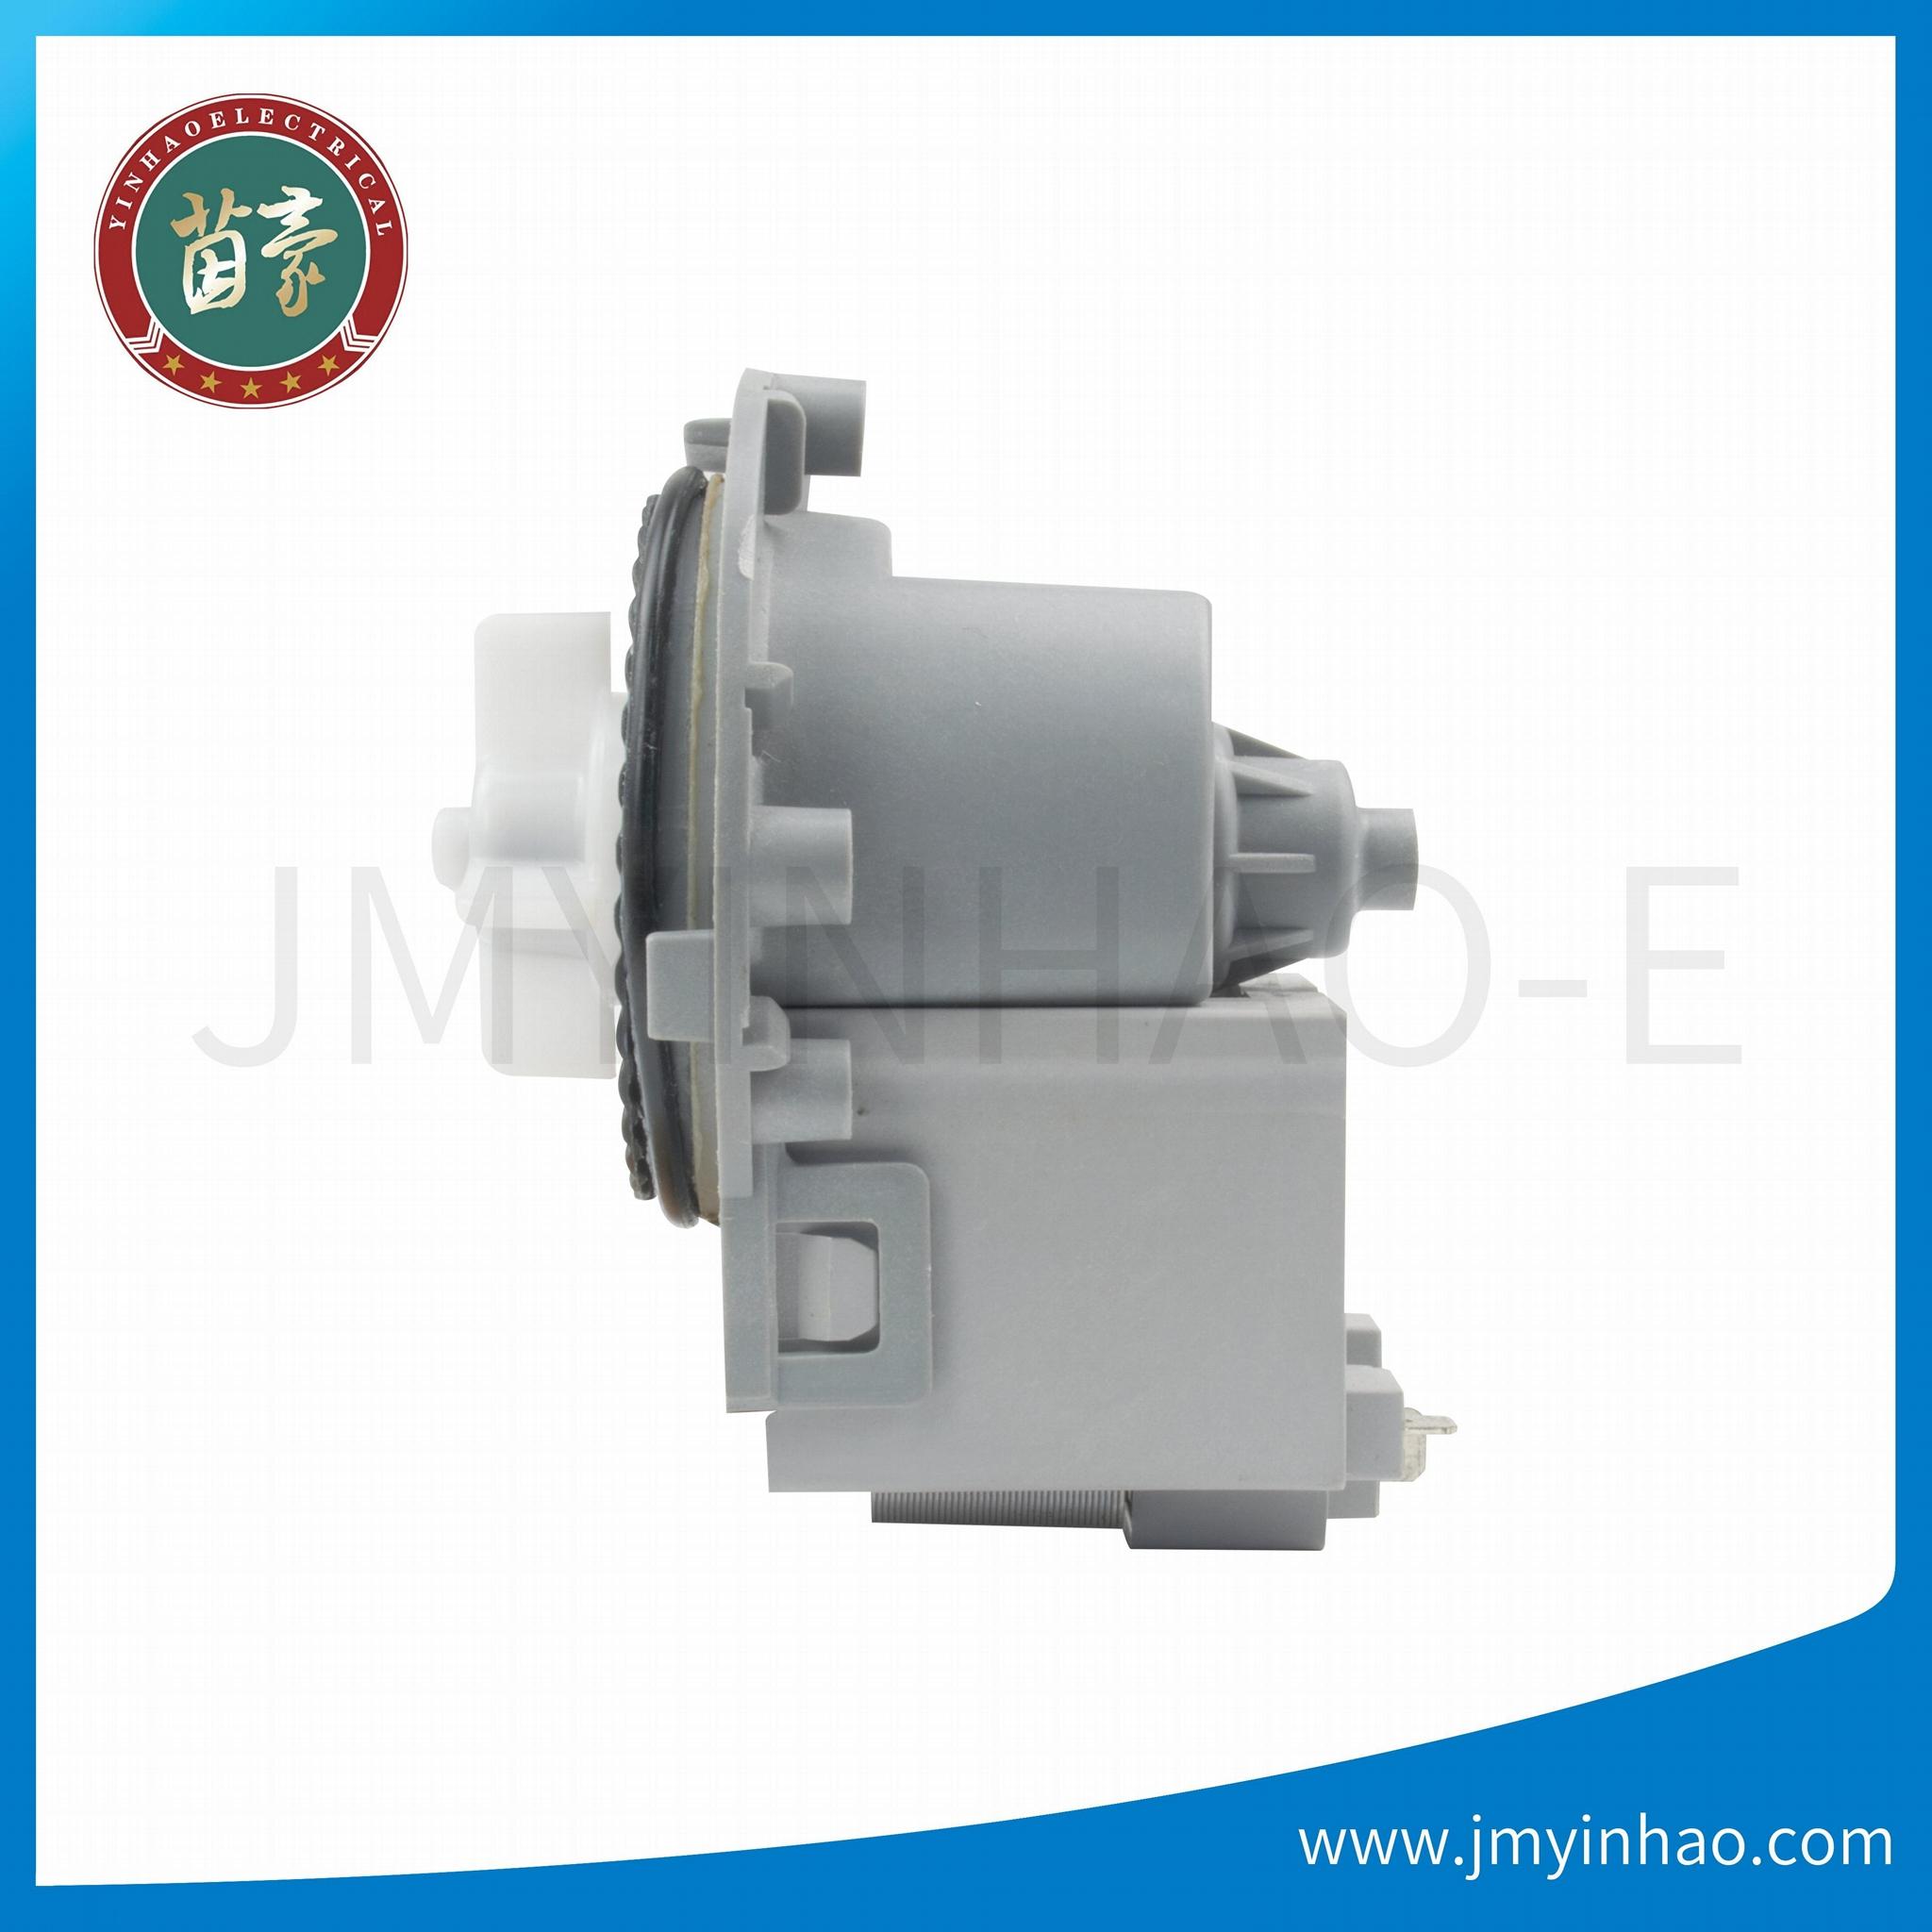 ASKOLL M224XP 排水泵/洗衣机排水泵 1